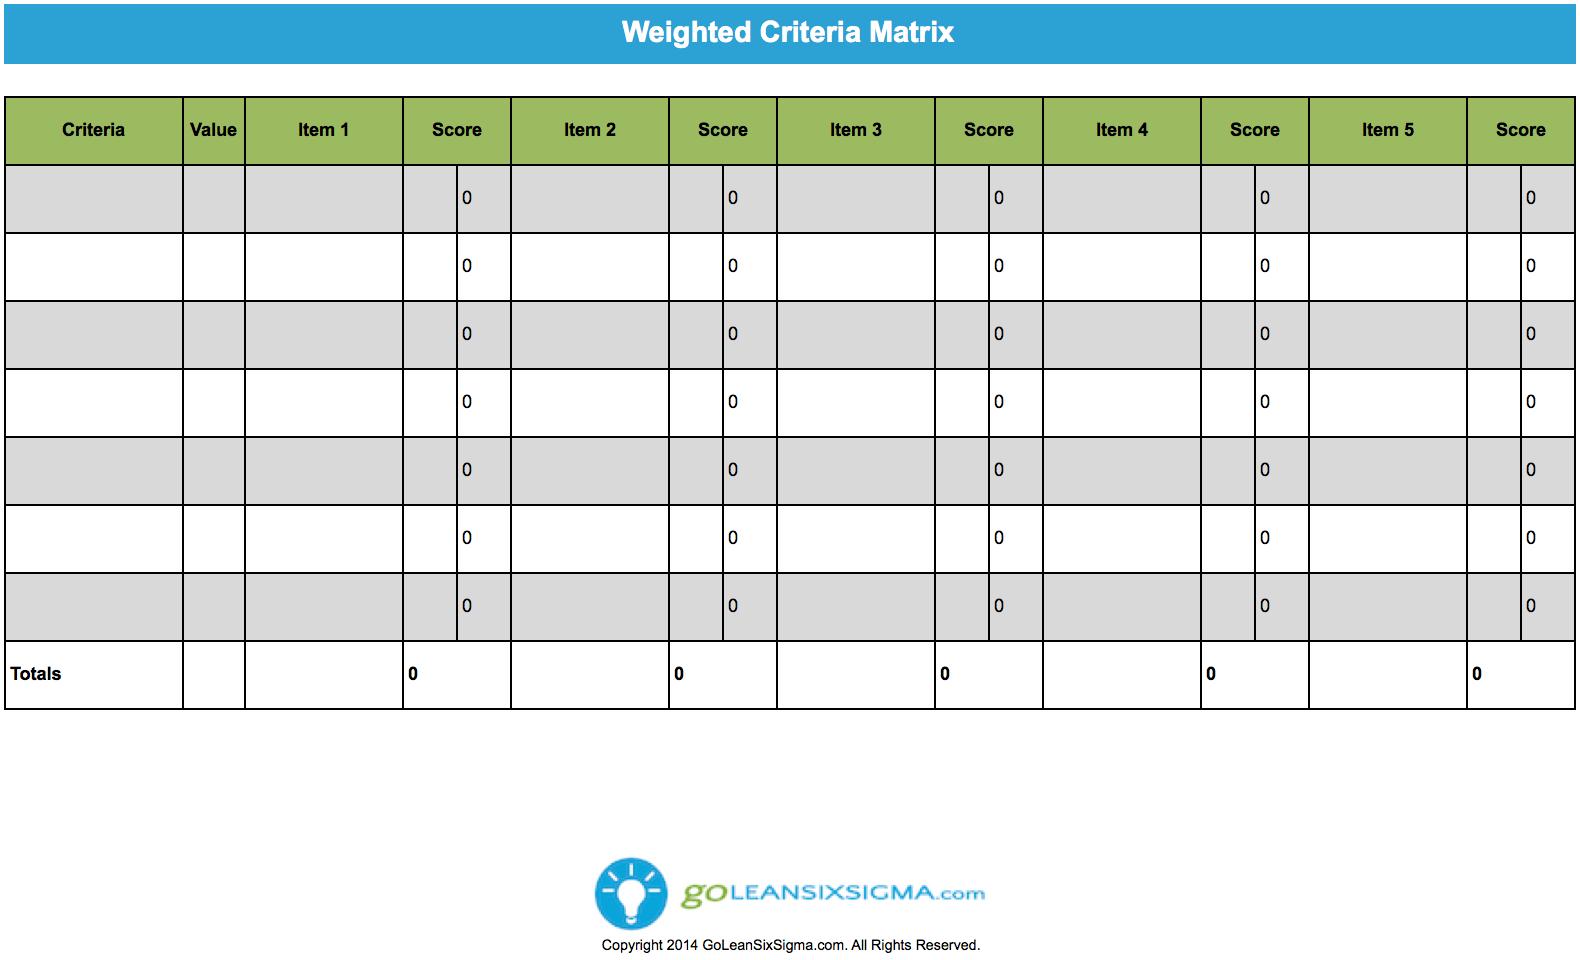 weighted criteria matrix goleansixsigma com lean six sigma